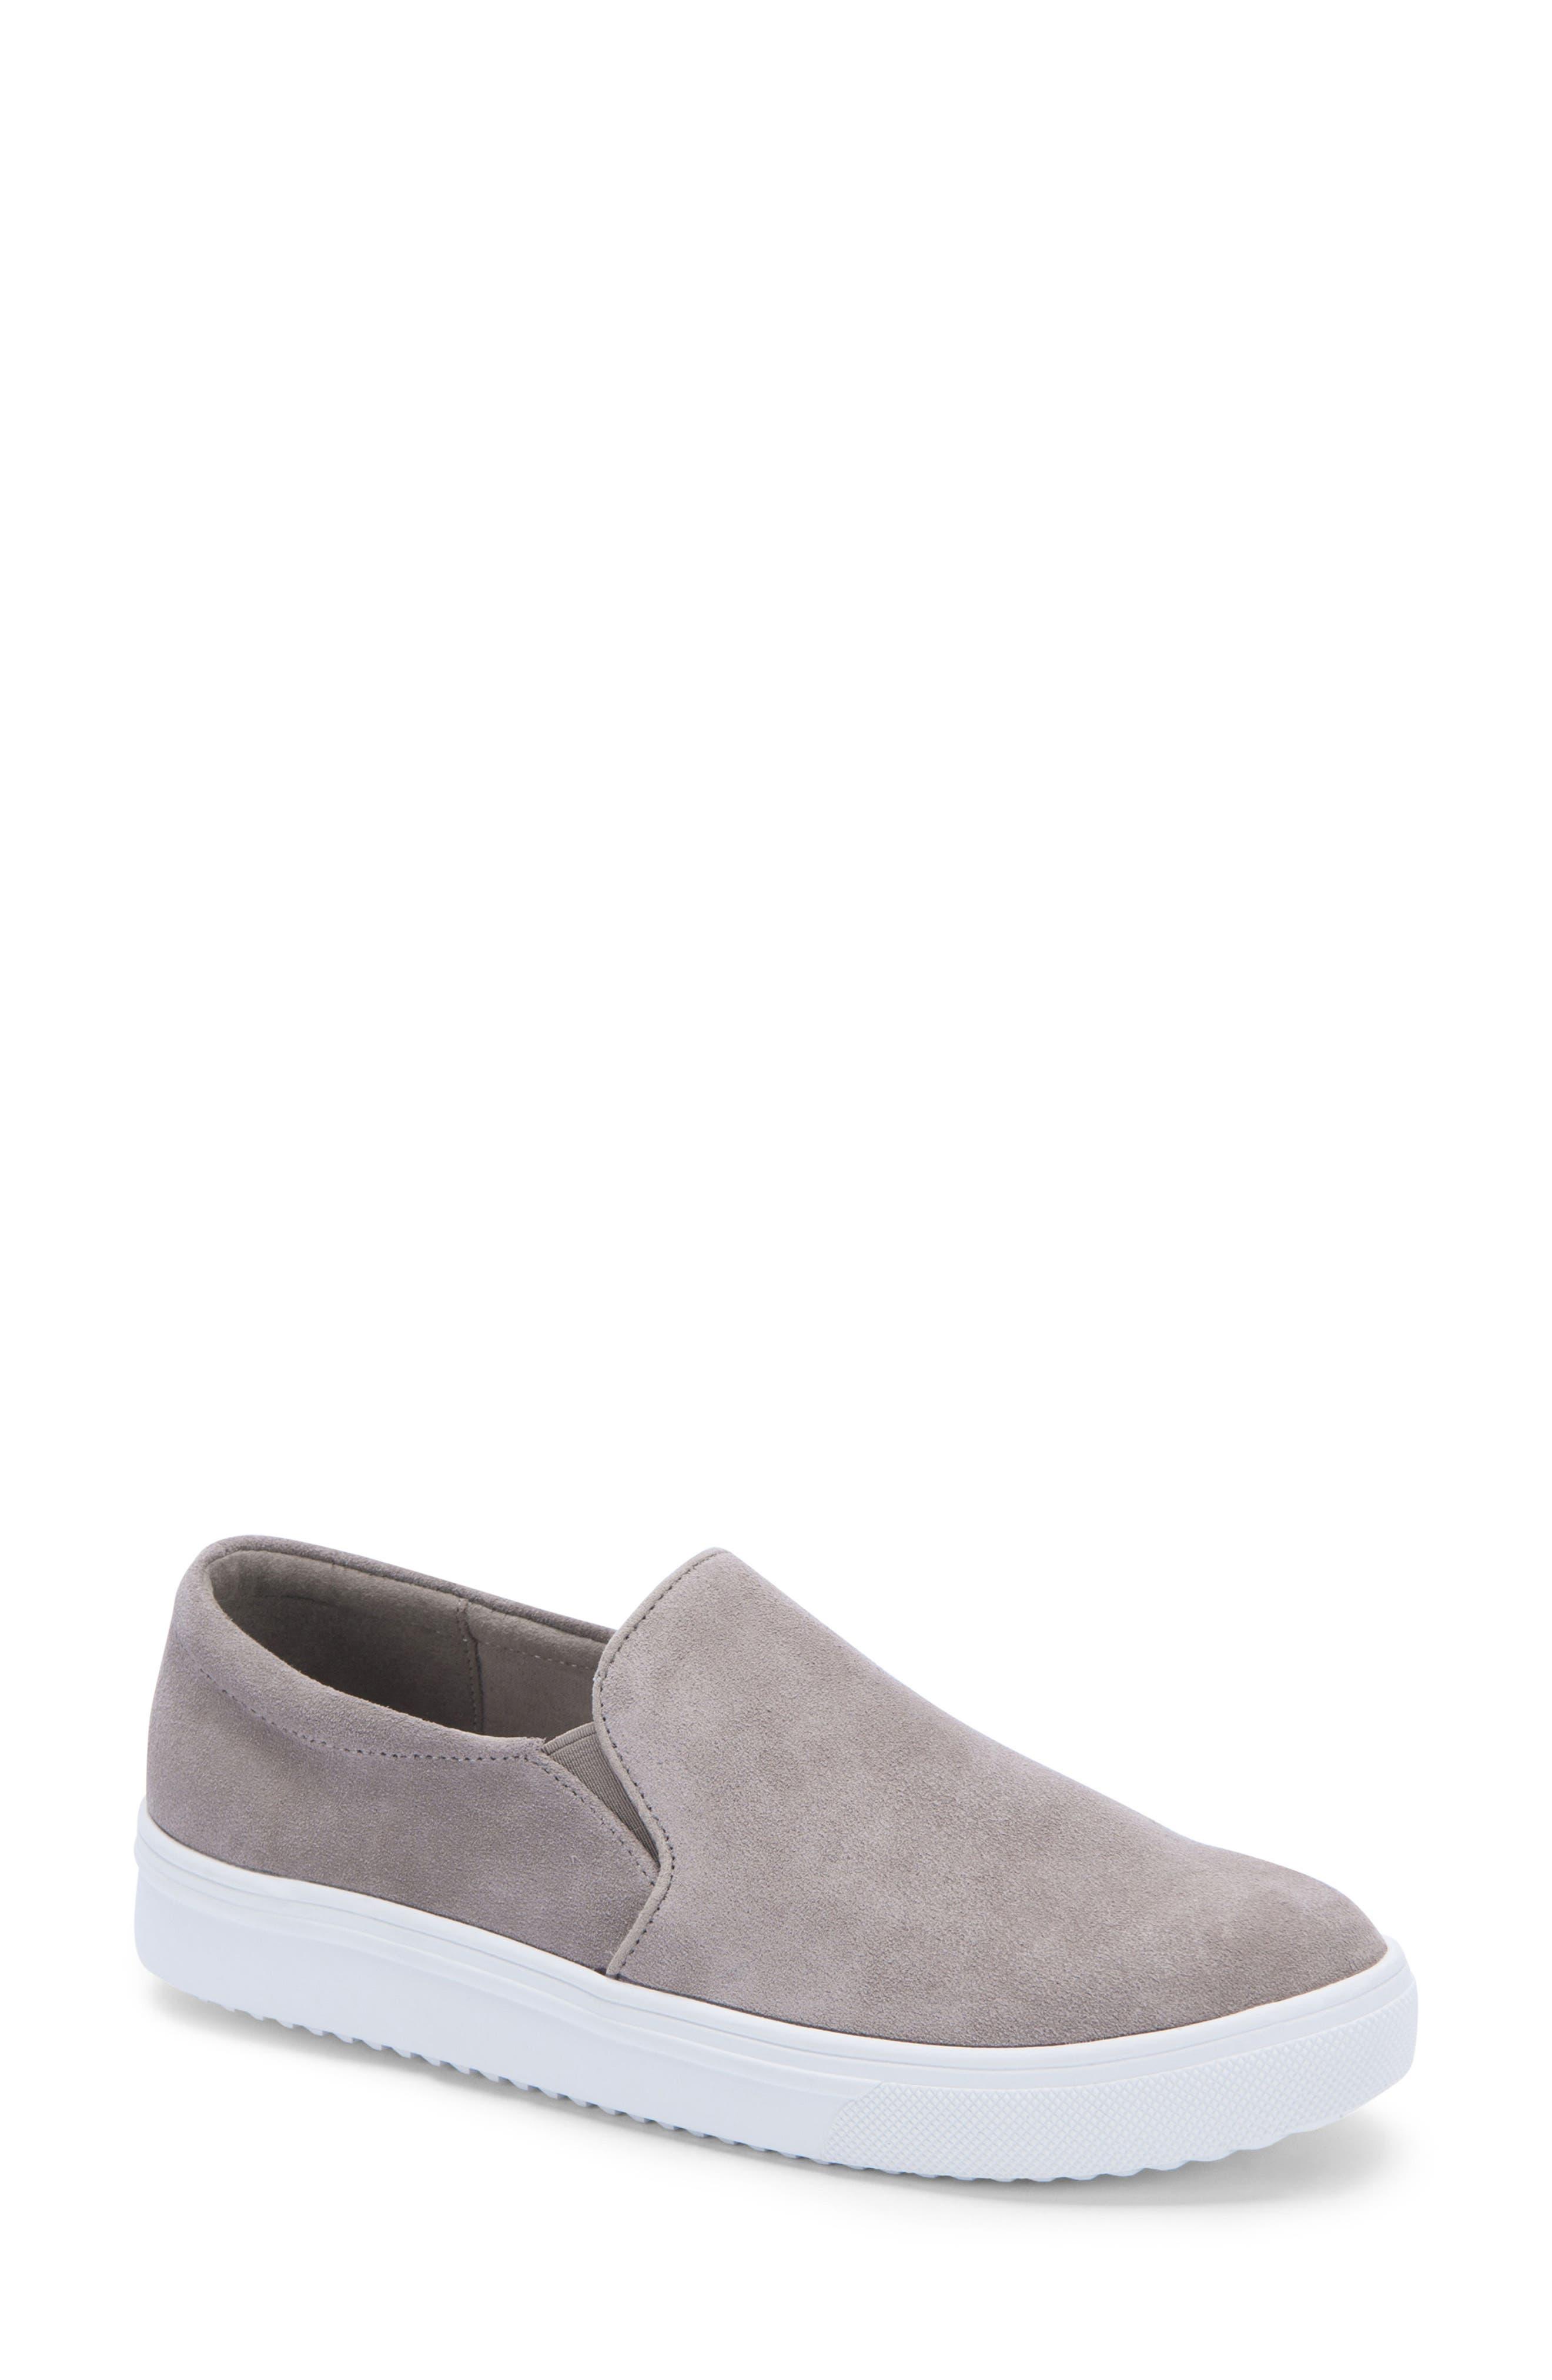 Blondo Gracie Waterproof Slip-On Sneaker, Grey